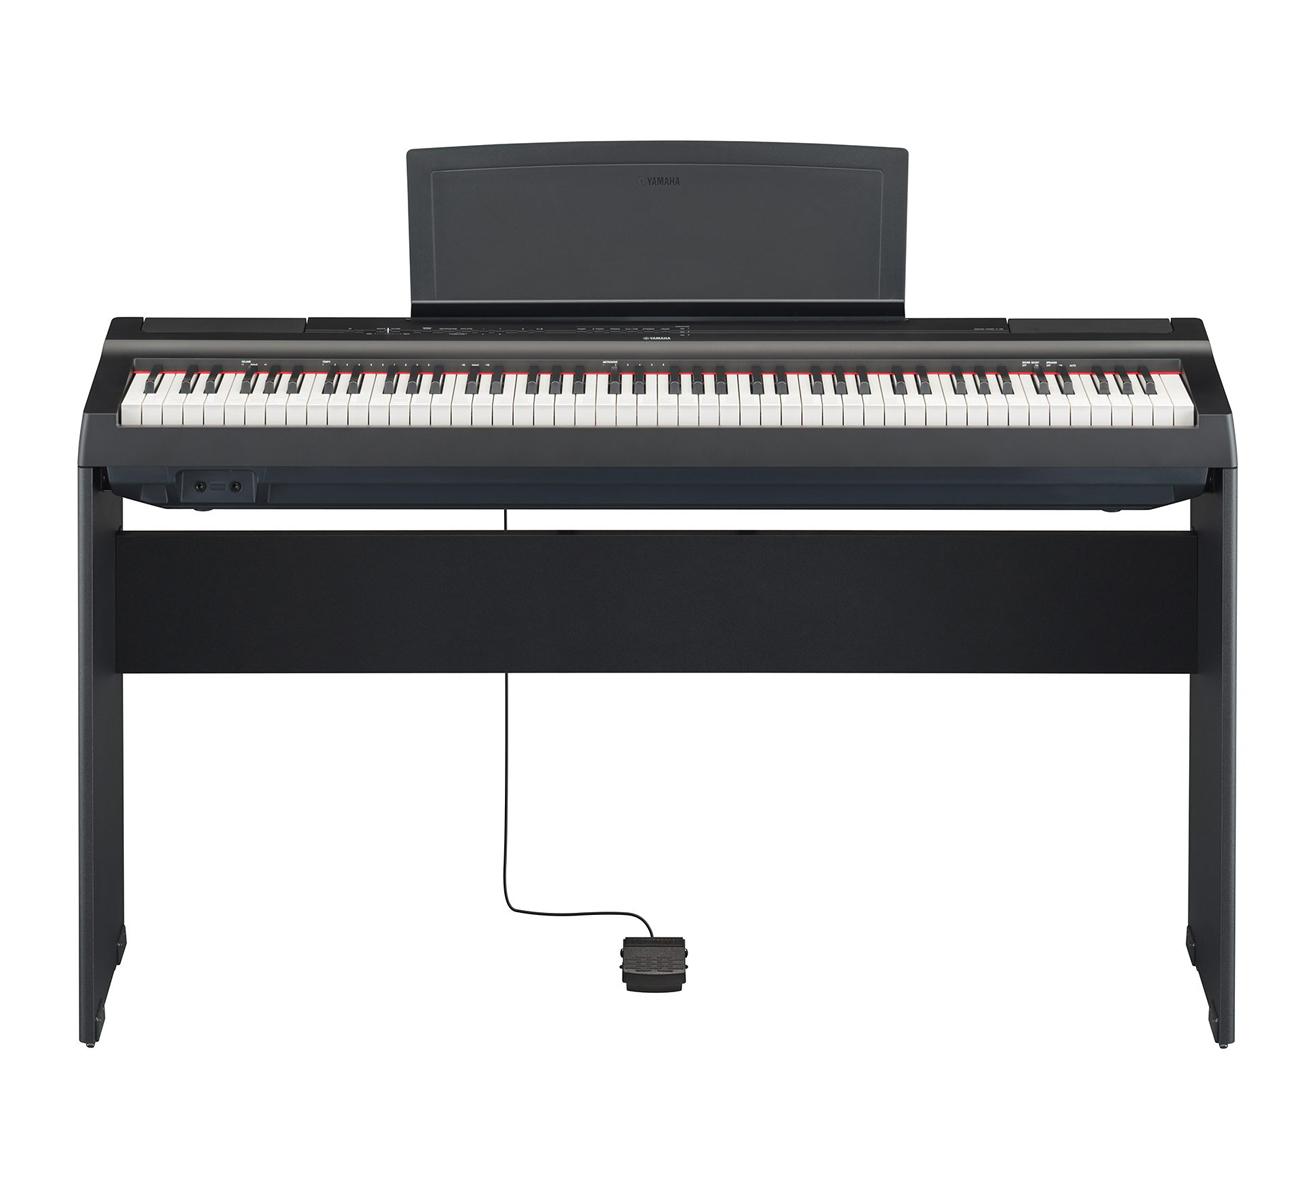 Yamaha P-125 B sort el-klaver med L125 ben